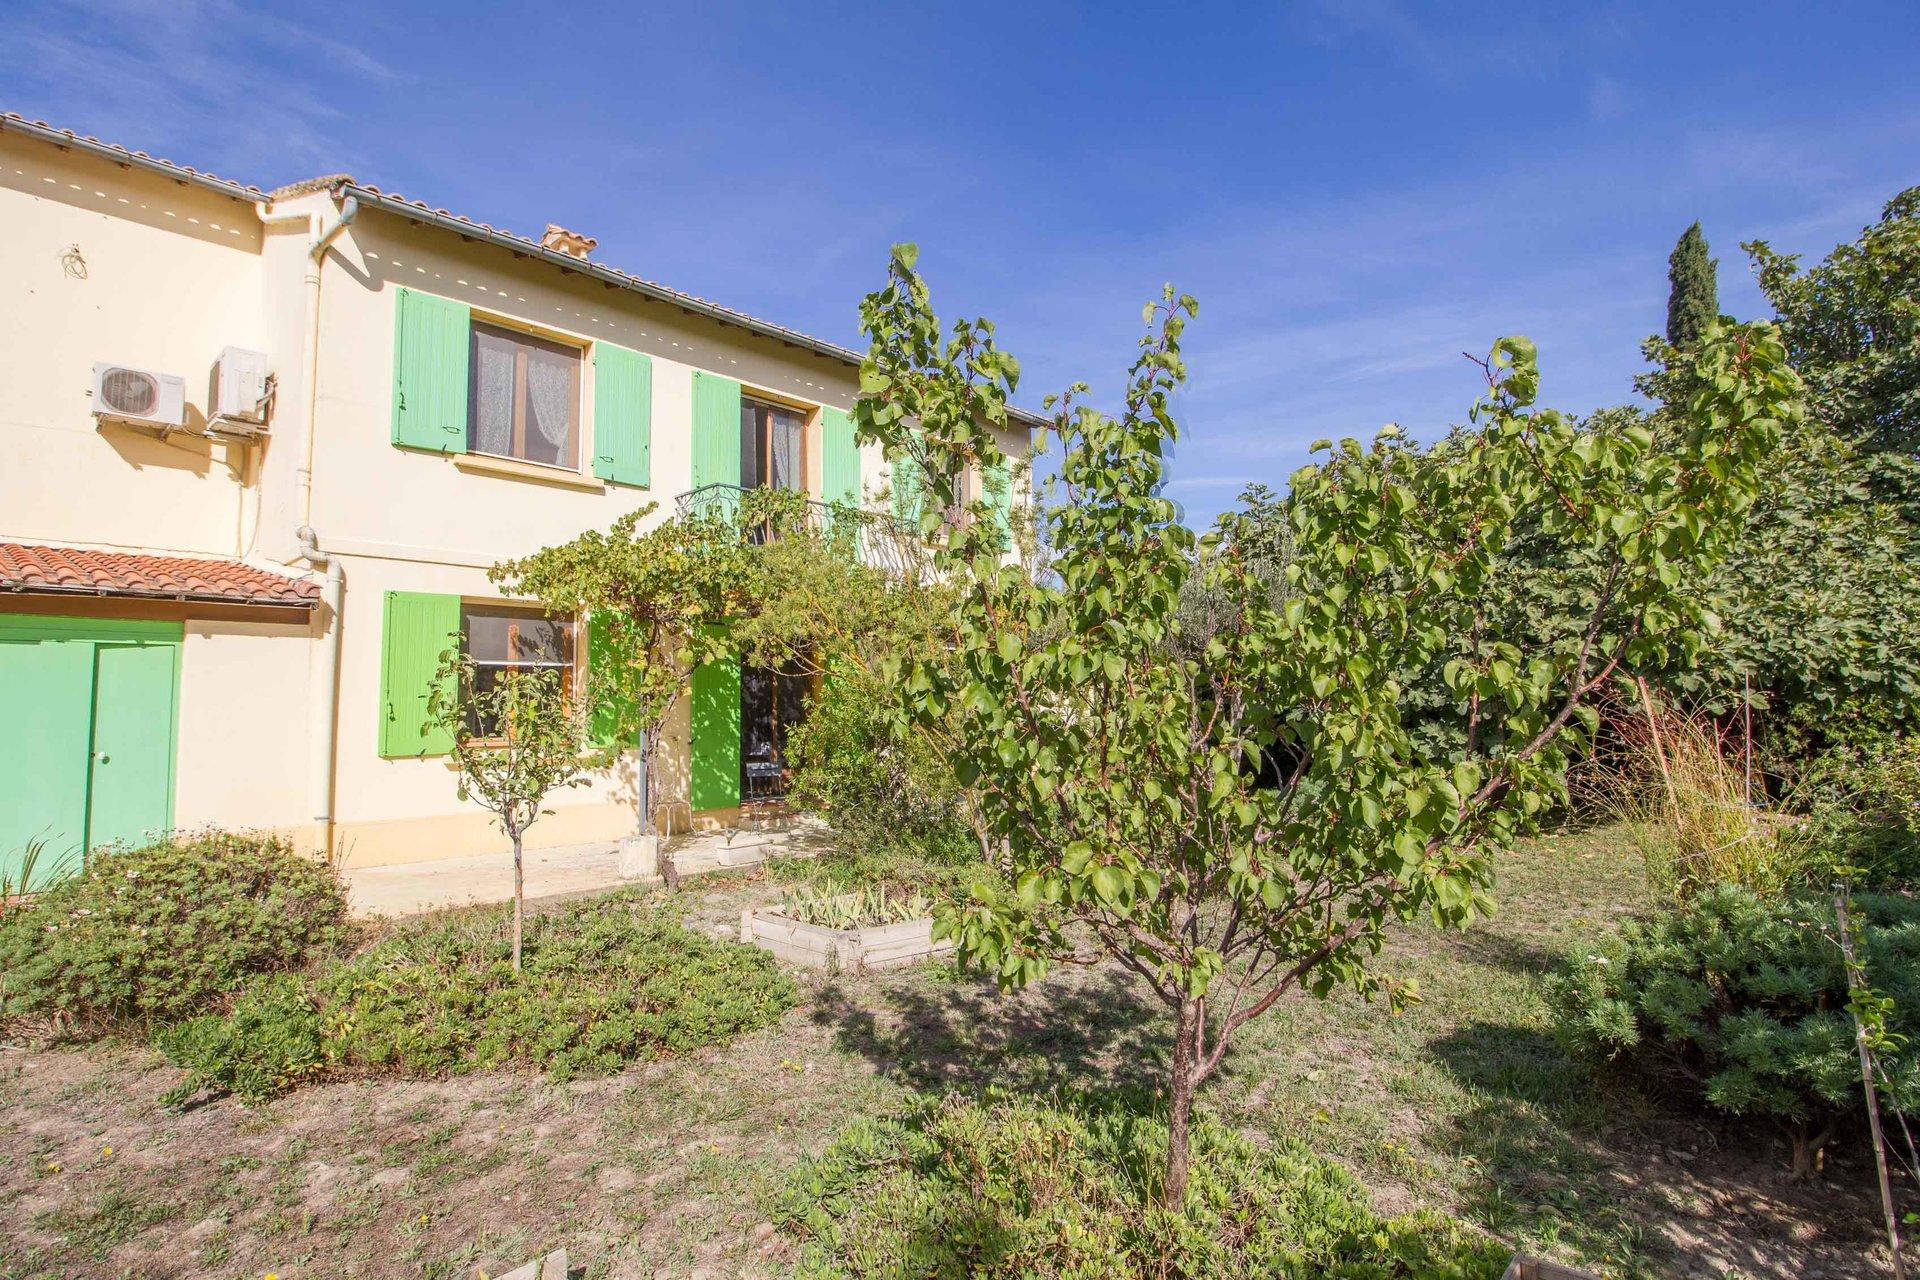 Detached house 150m², 4 bedrooms, garden